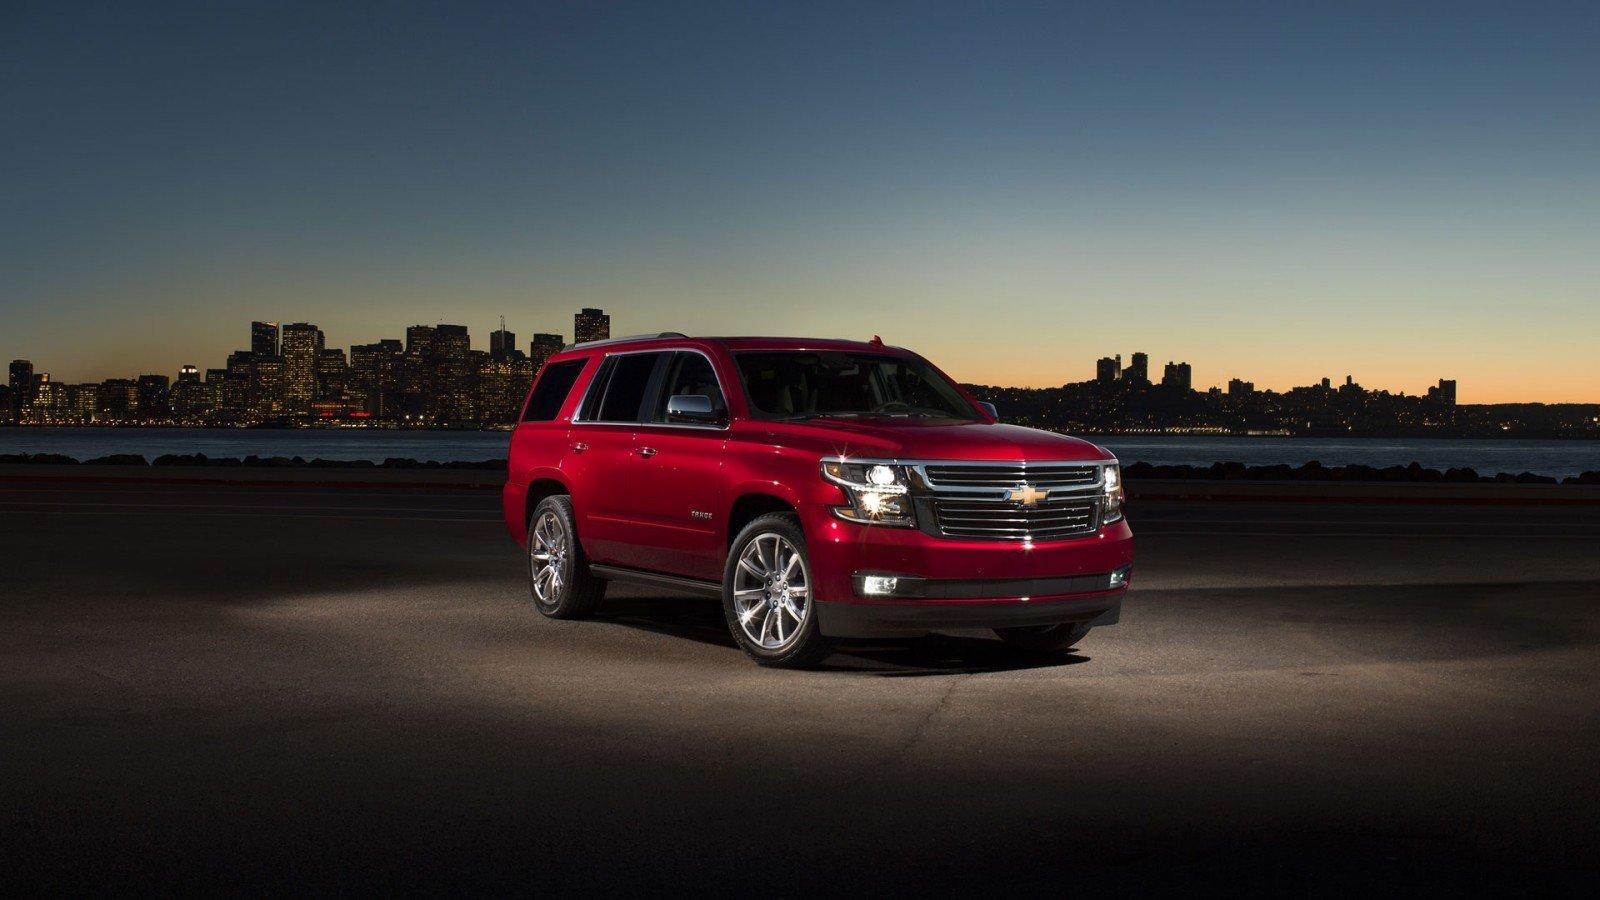 Chevy Tahoe Lease >> Chevrolet Tahoe Lease Deals Price Hemet Ca